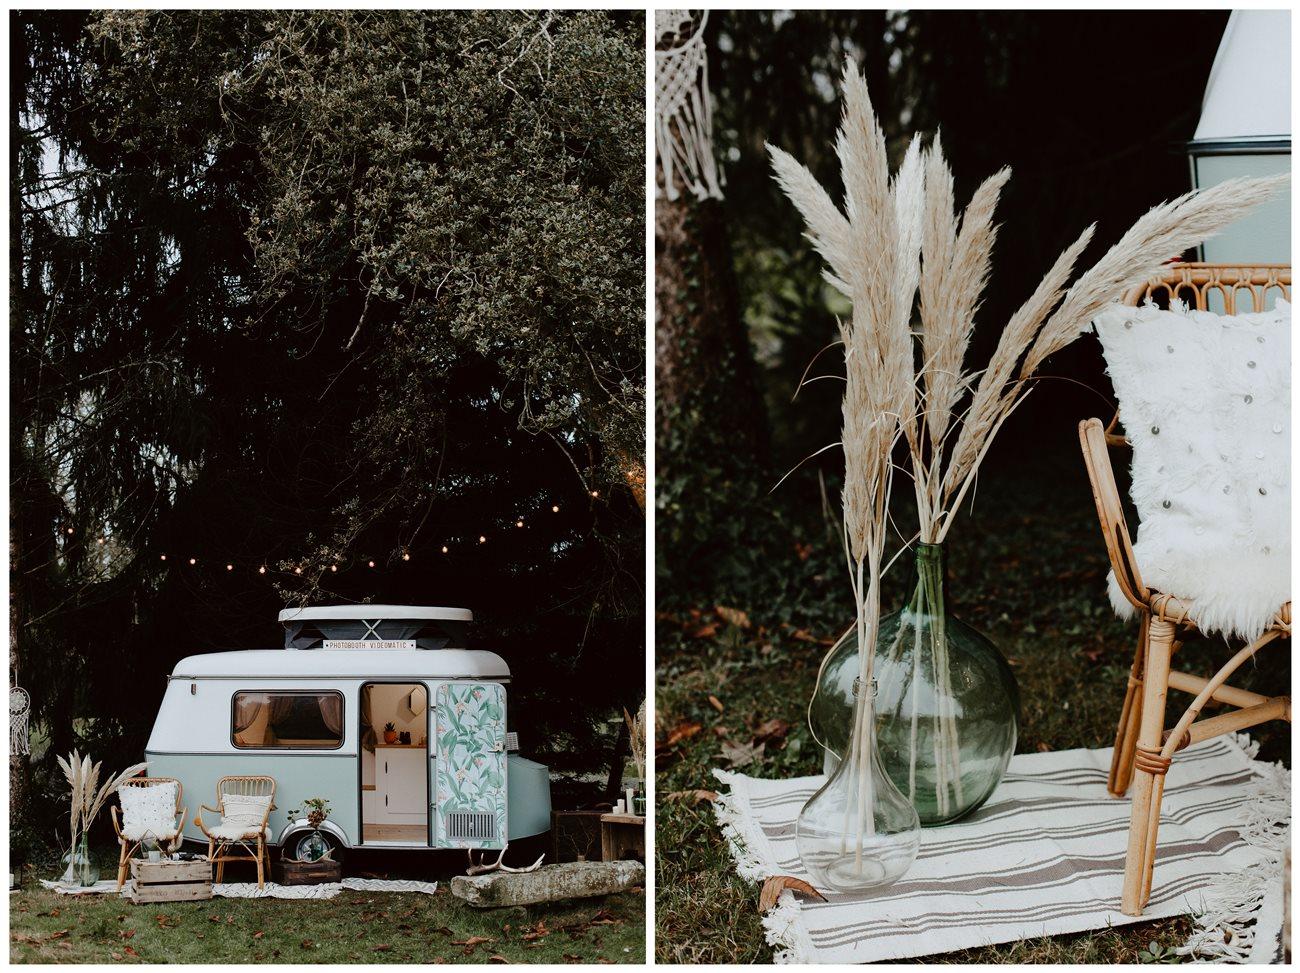 mariage bohème forêt caravane photomaton Nicephore & Co détail